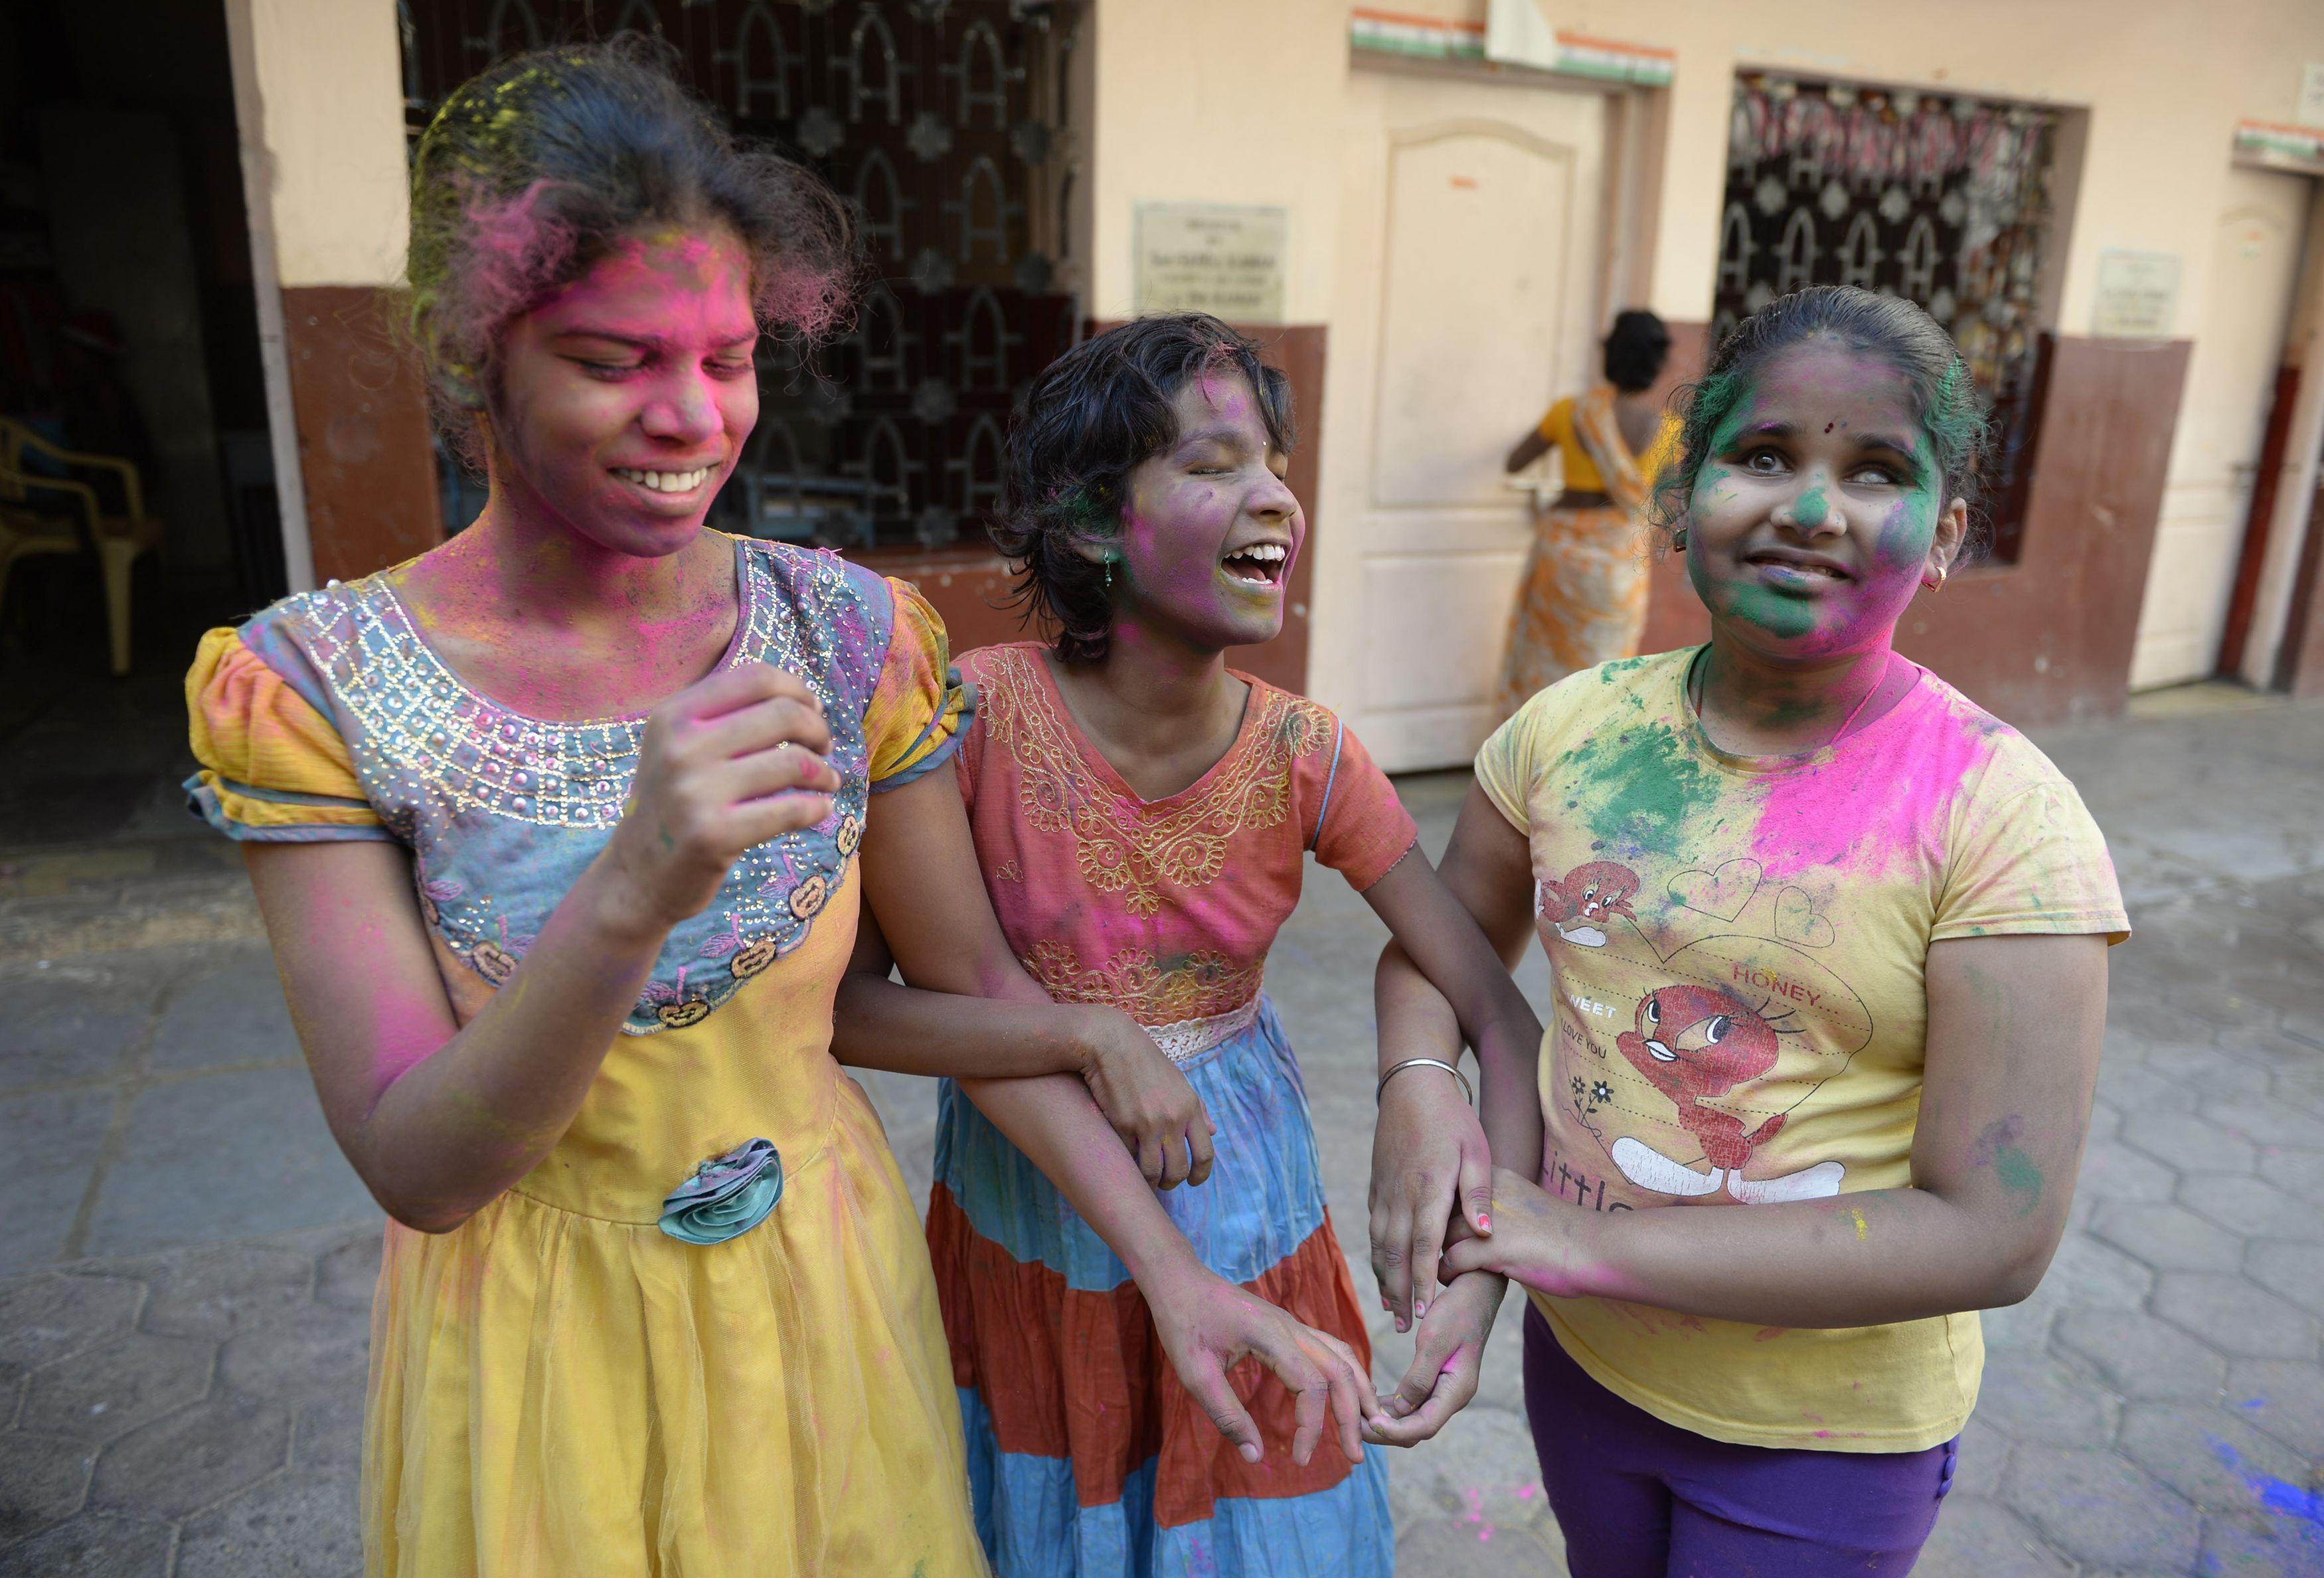 فتيات يحتفلون بأعياد الربيع فى الهند